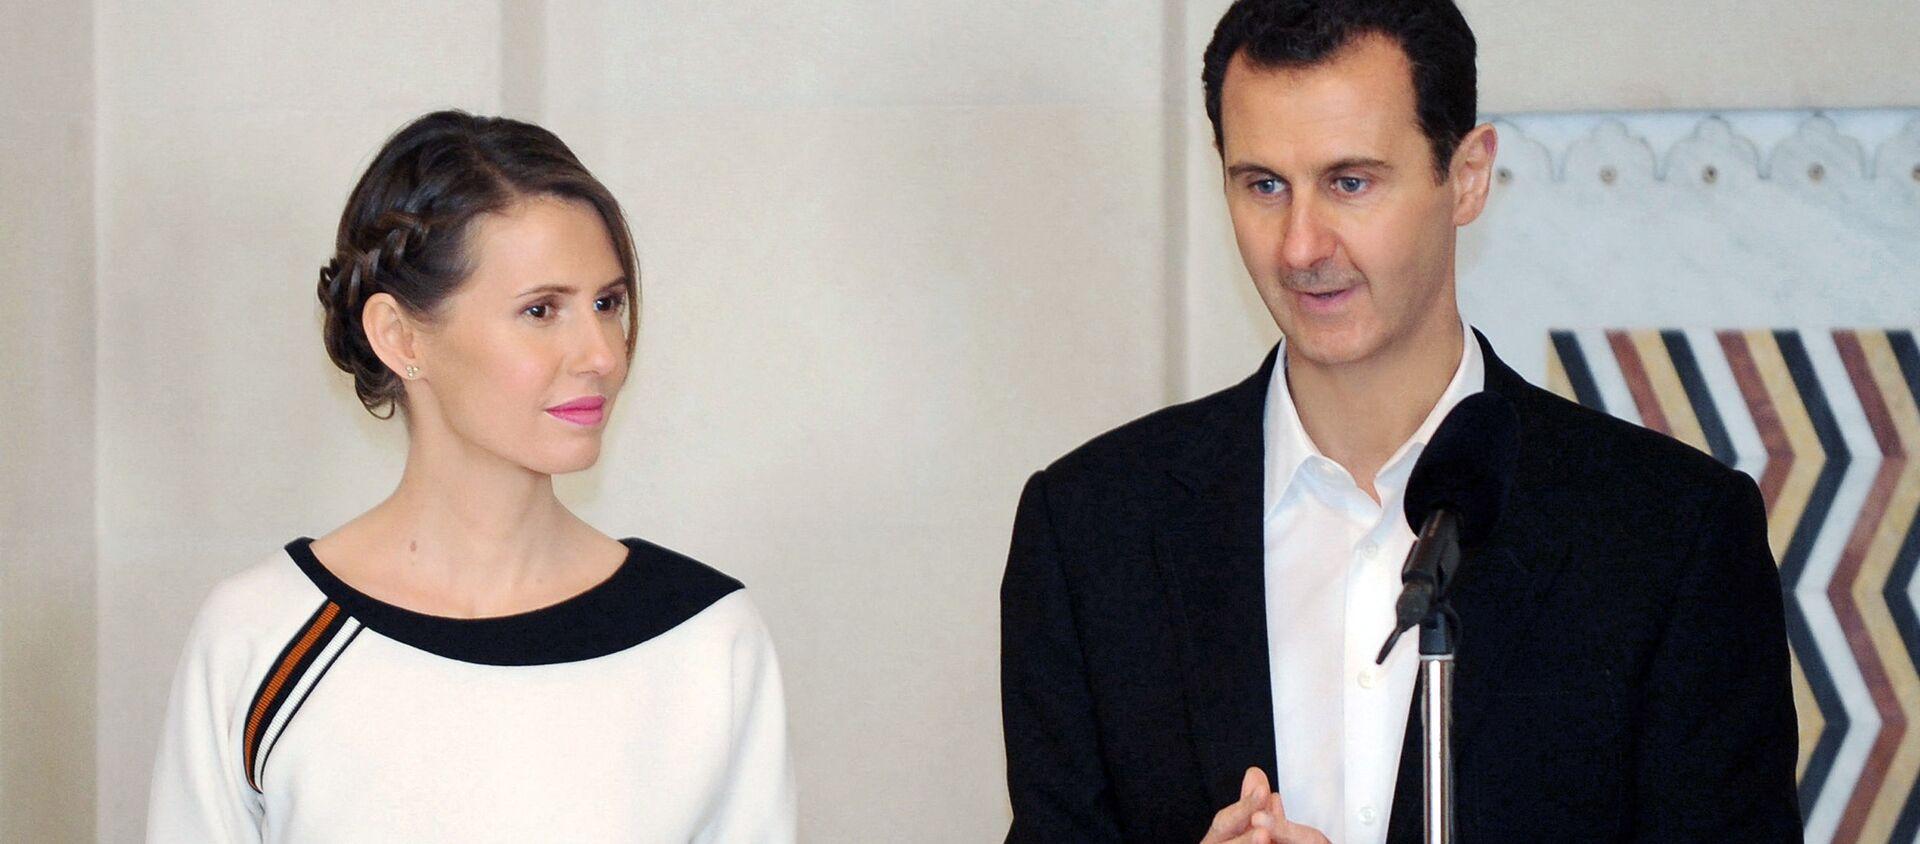 Prezydent Syrii Baszar al-Asad z żoną Asmą. - Sputnik Polska, 1920, 08.03.2021